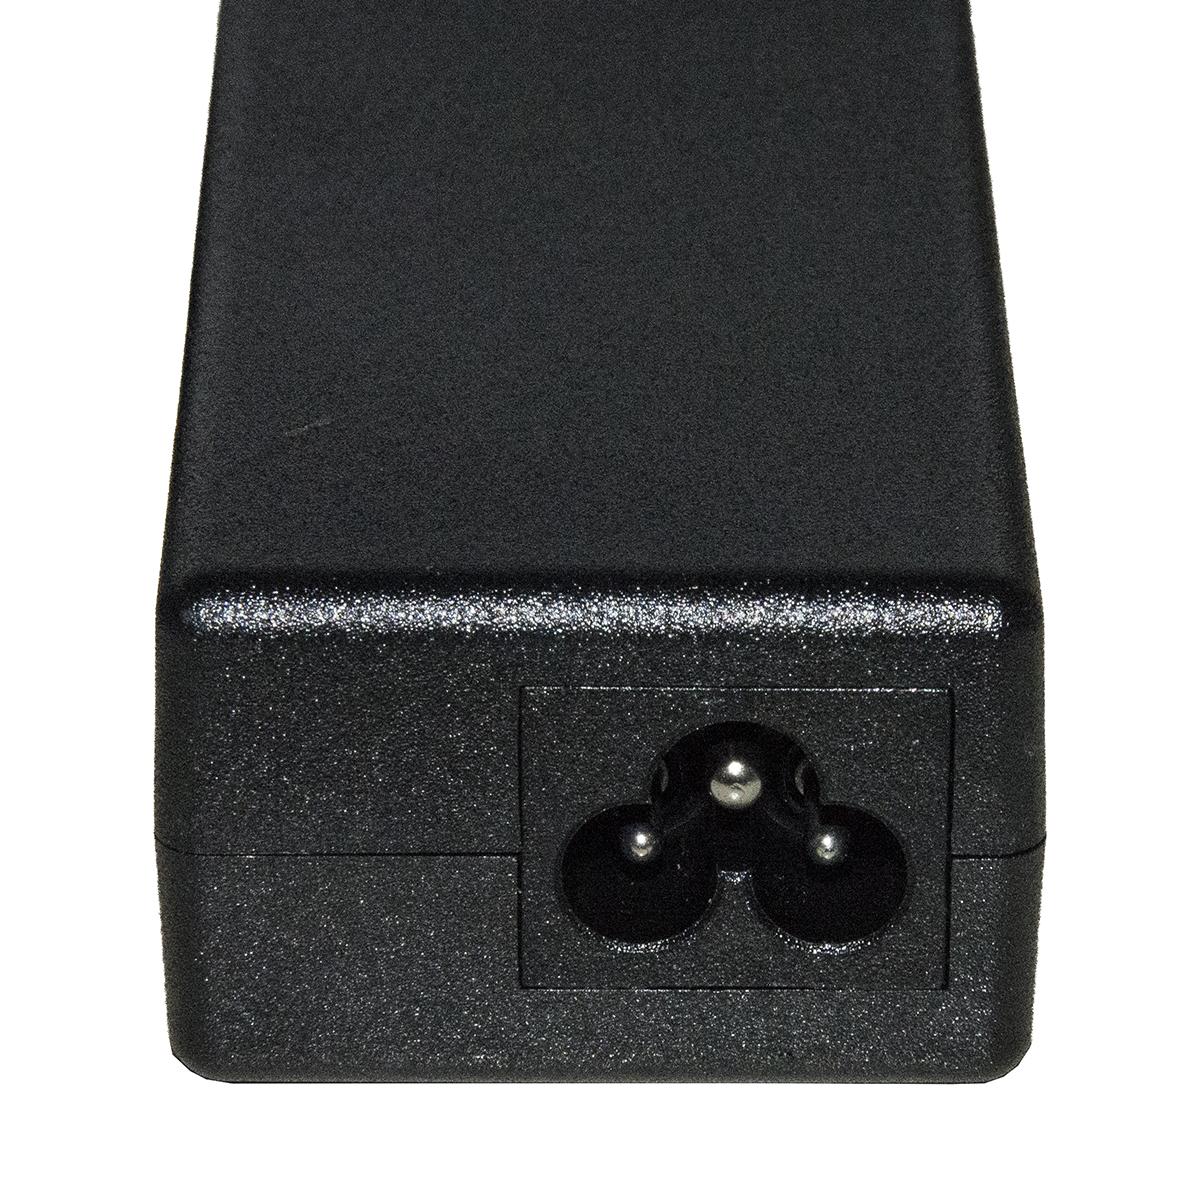 Alimentatore compatibile per notebook lenovo 20v 4,5a 90w